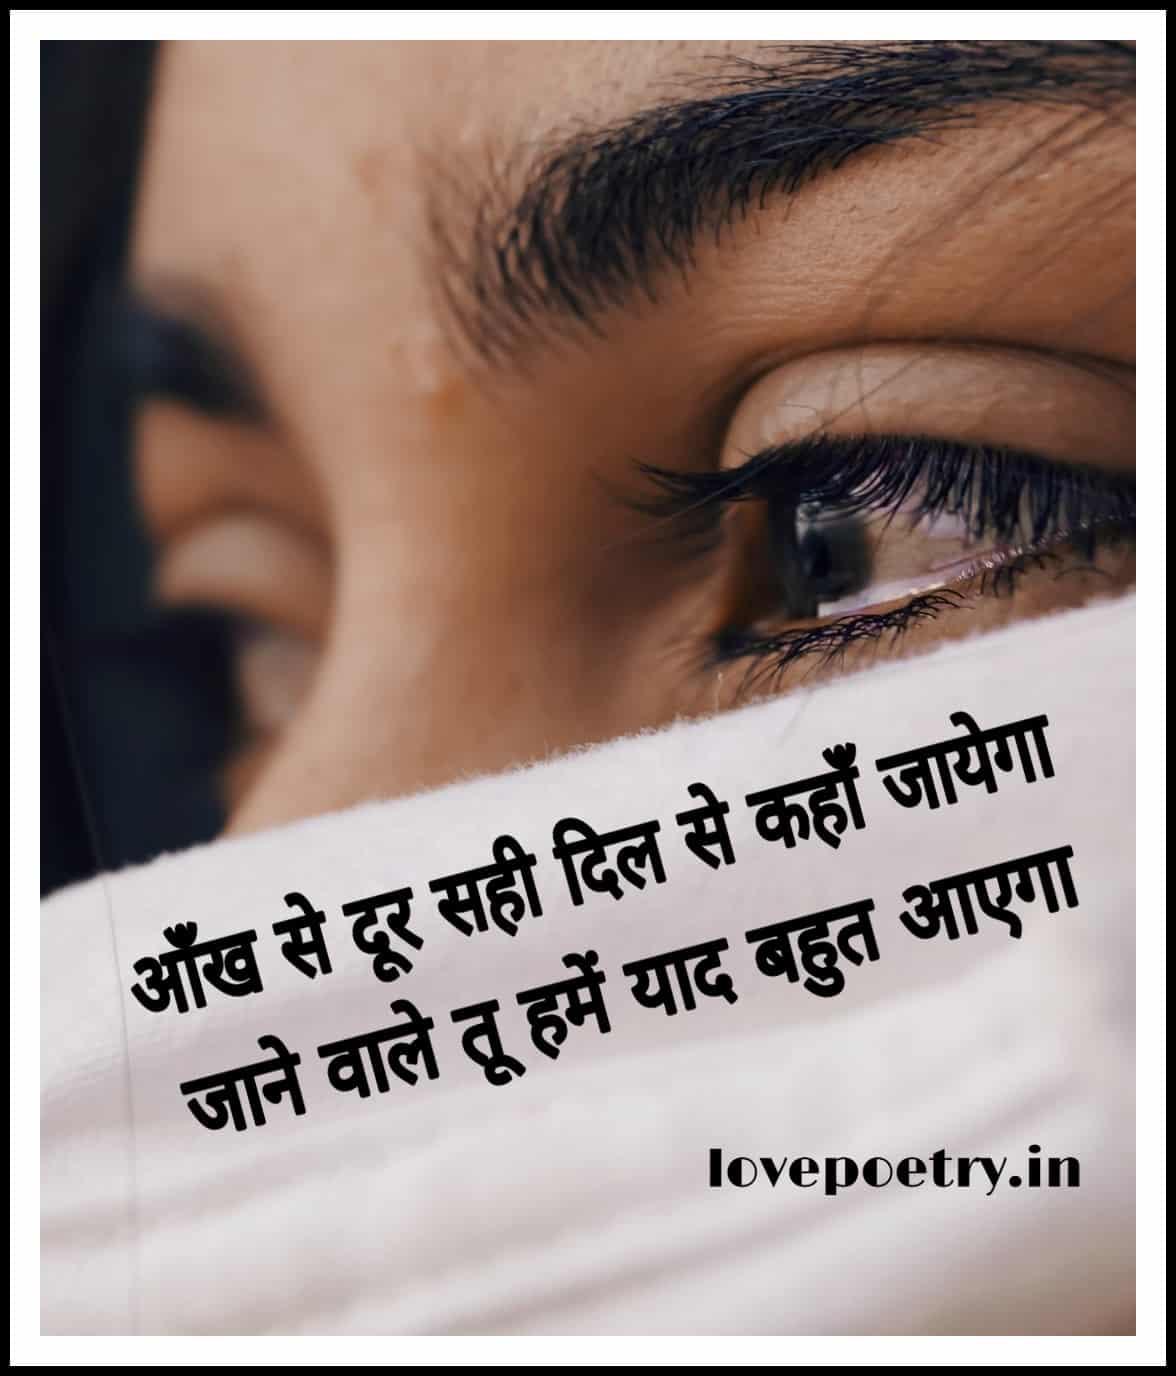 Shayari On Eyes À¤† À¤– À¤ªà¤° À¤¶ À¤¯à¤° Lovepoetry Nice collection of attitude quotes. shayari on eyes आ ख पर श यर